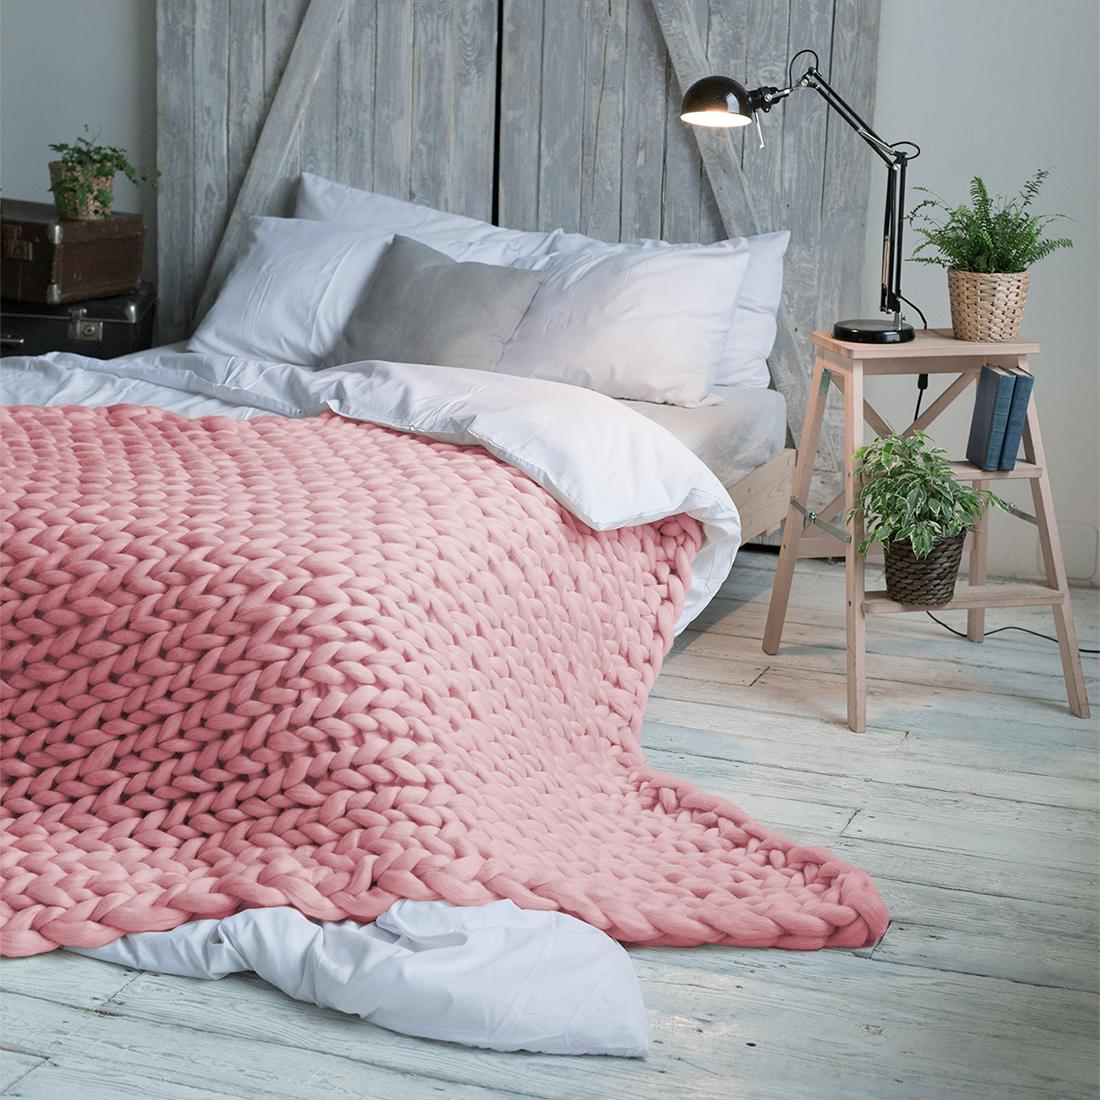 Плед Dome Hygge, цвет: светло-розовый, 120 см х 170 см